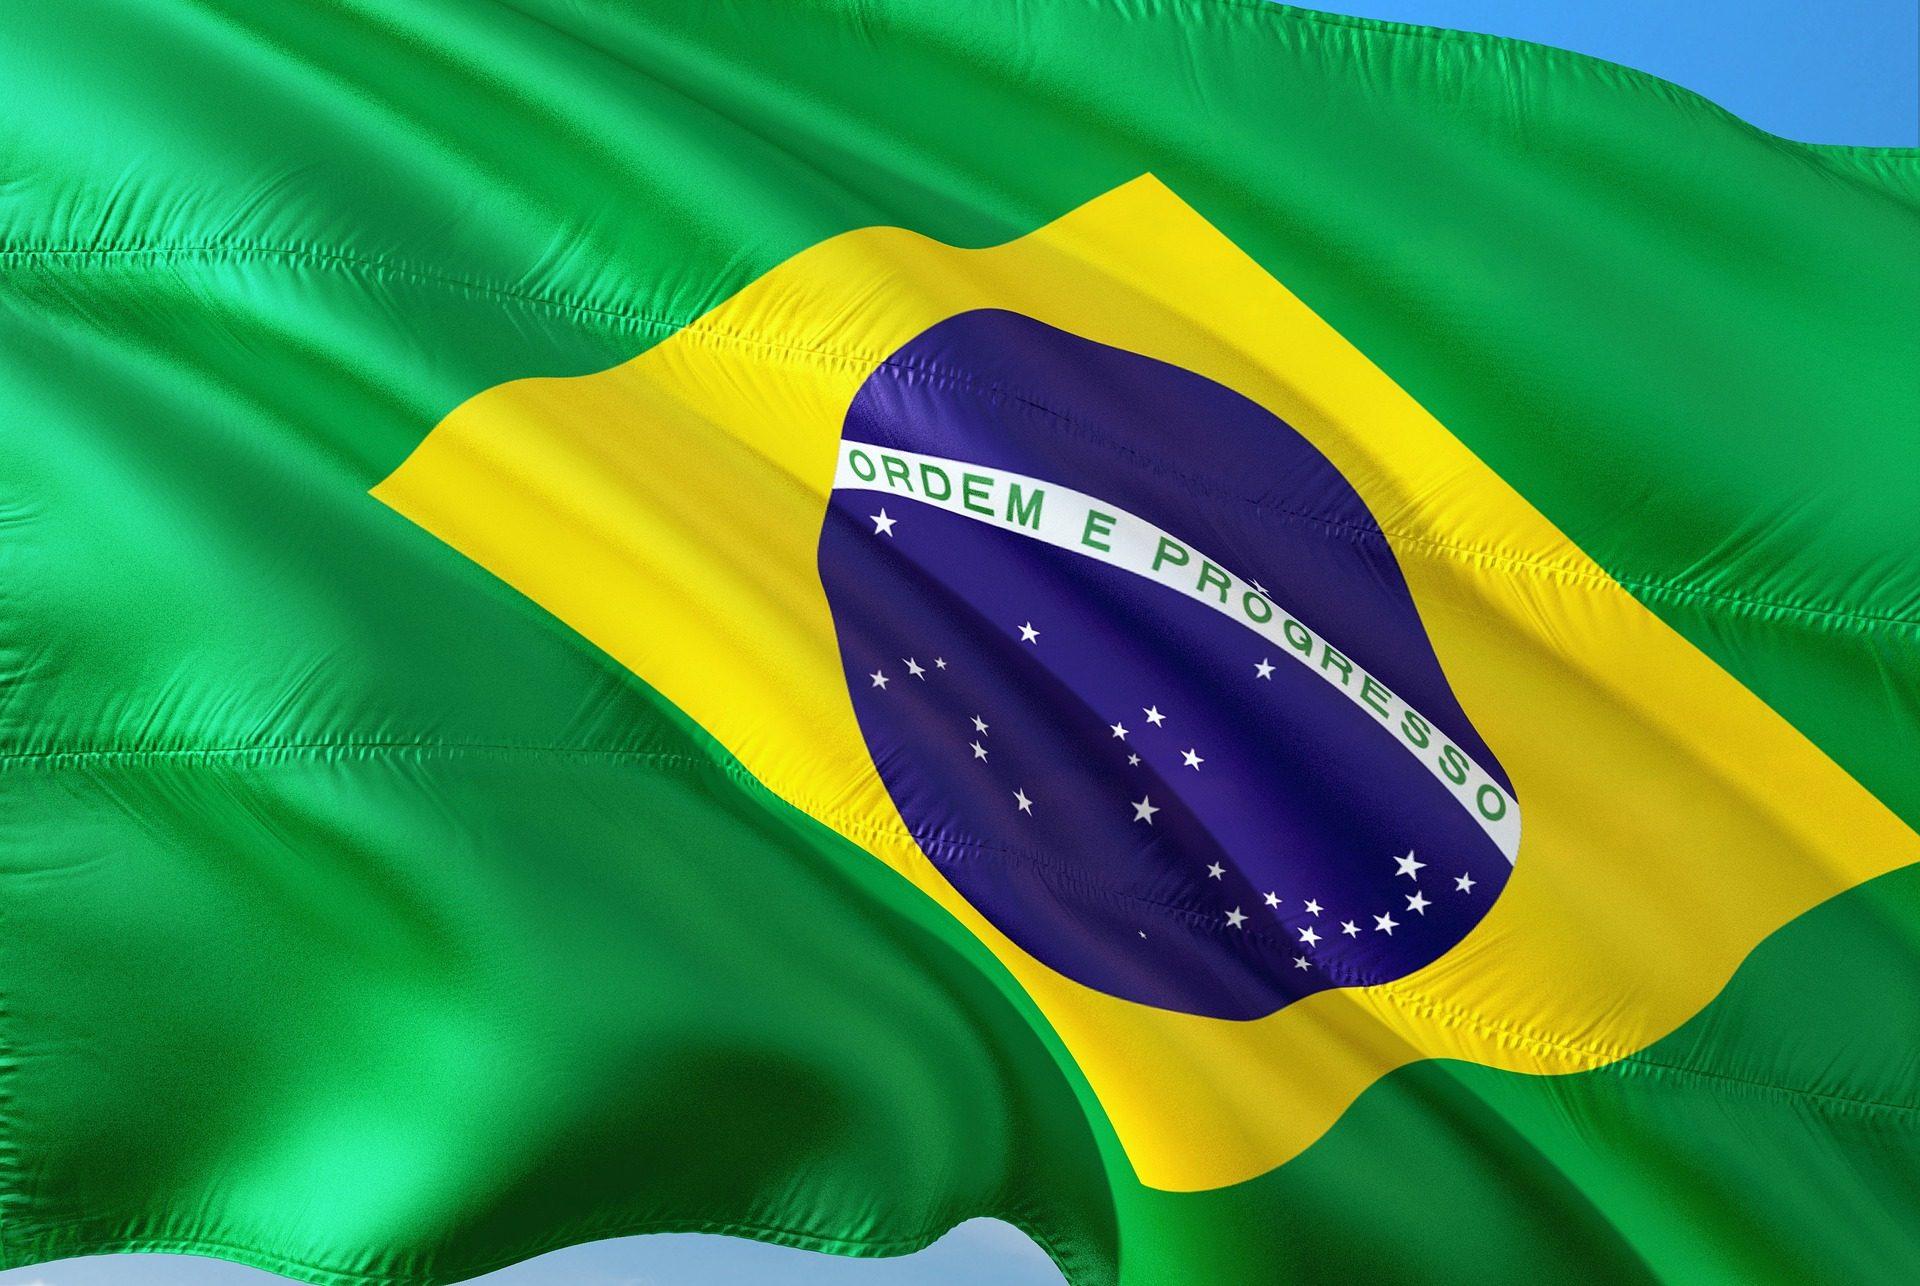 Gobierno de Brasil estudia un sistema de identidad digital descentralizada impulsado por tecnología blockchain